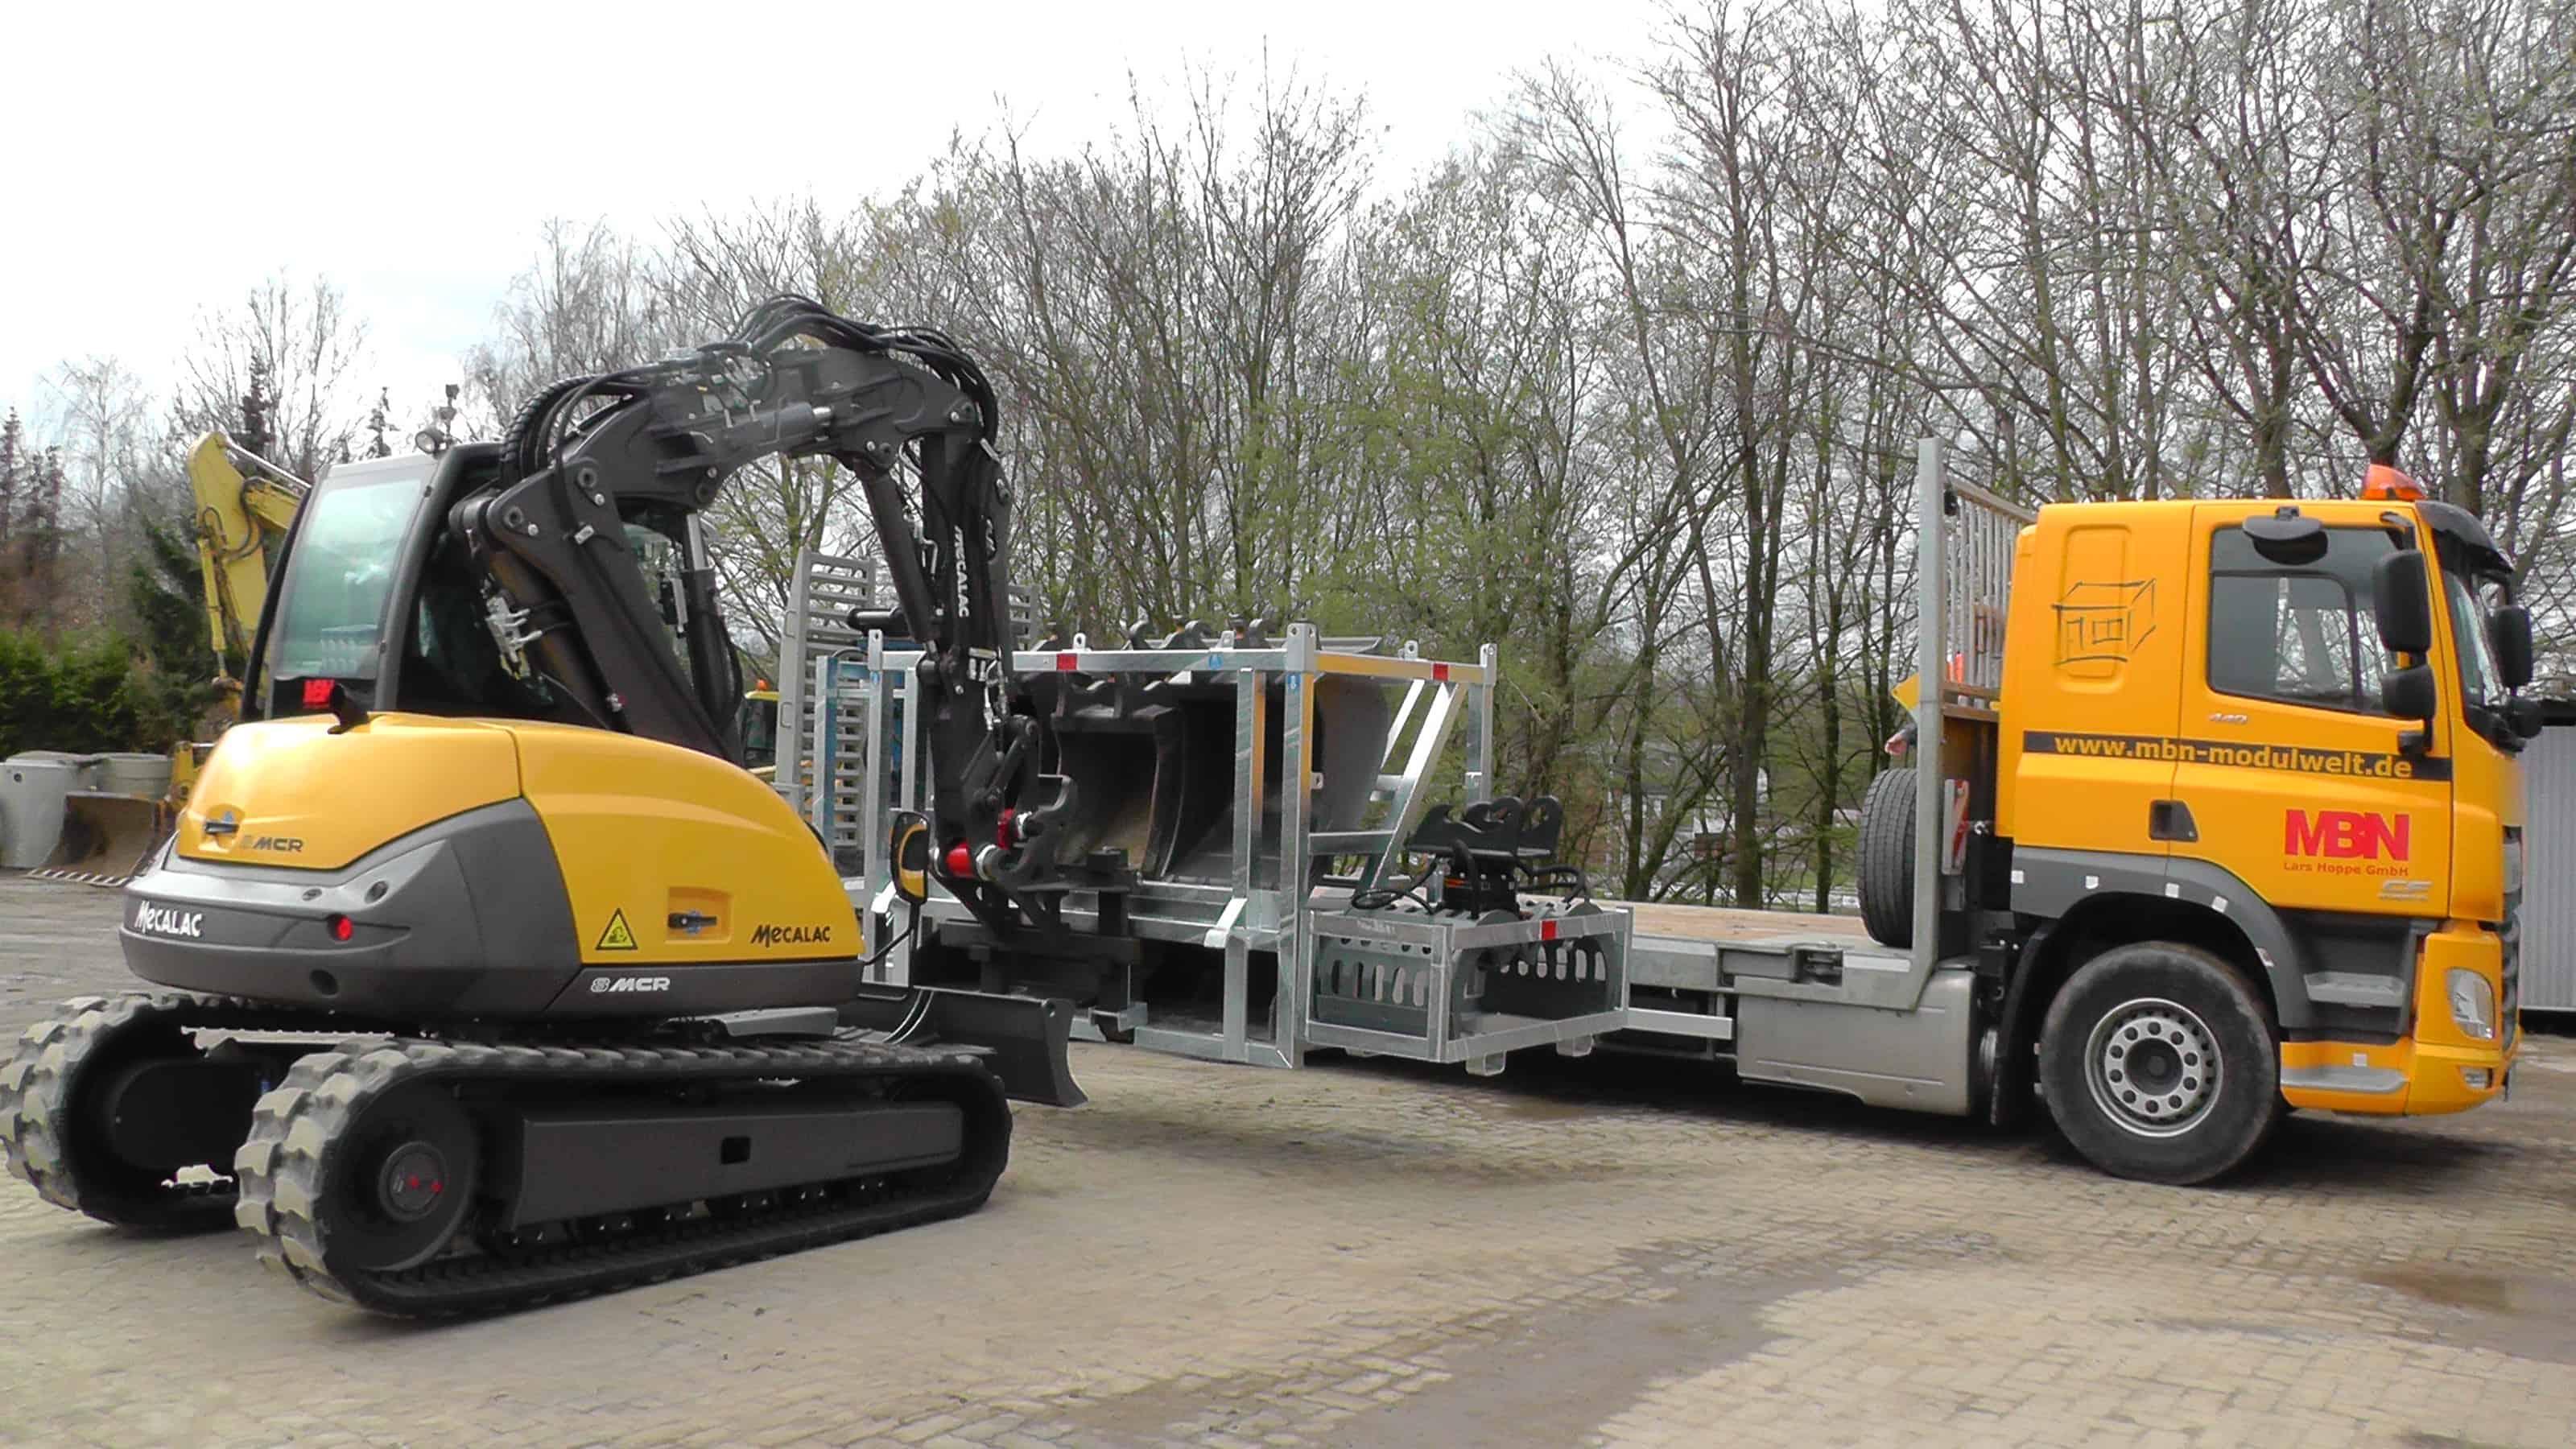 MBN Toolbx Mecalac Transport Anbaugeräte Sicherung Lagerung